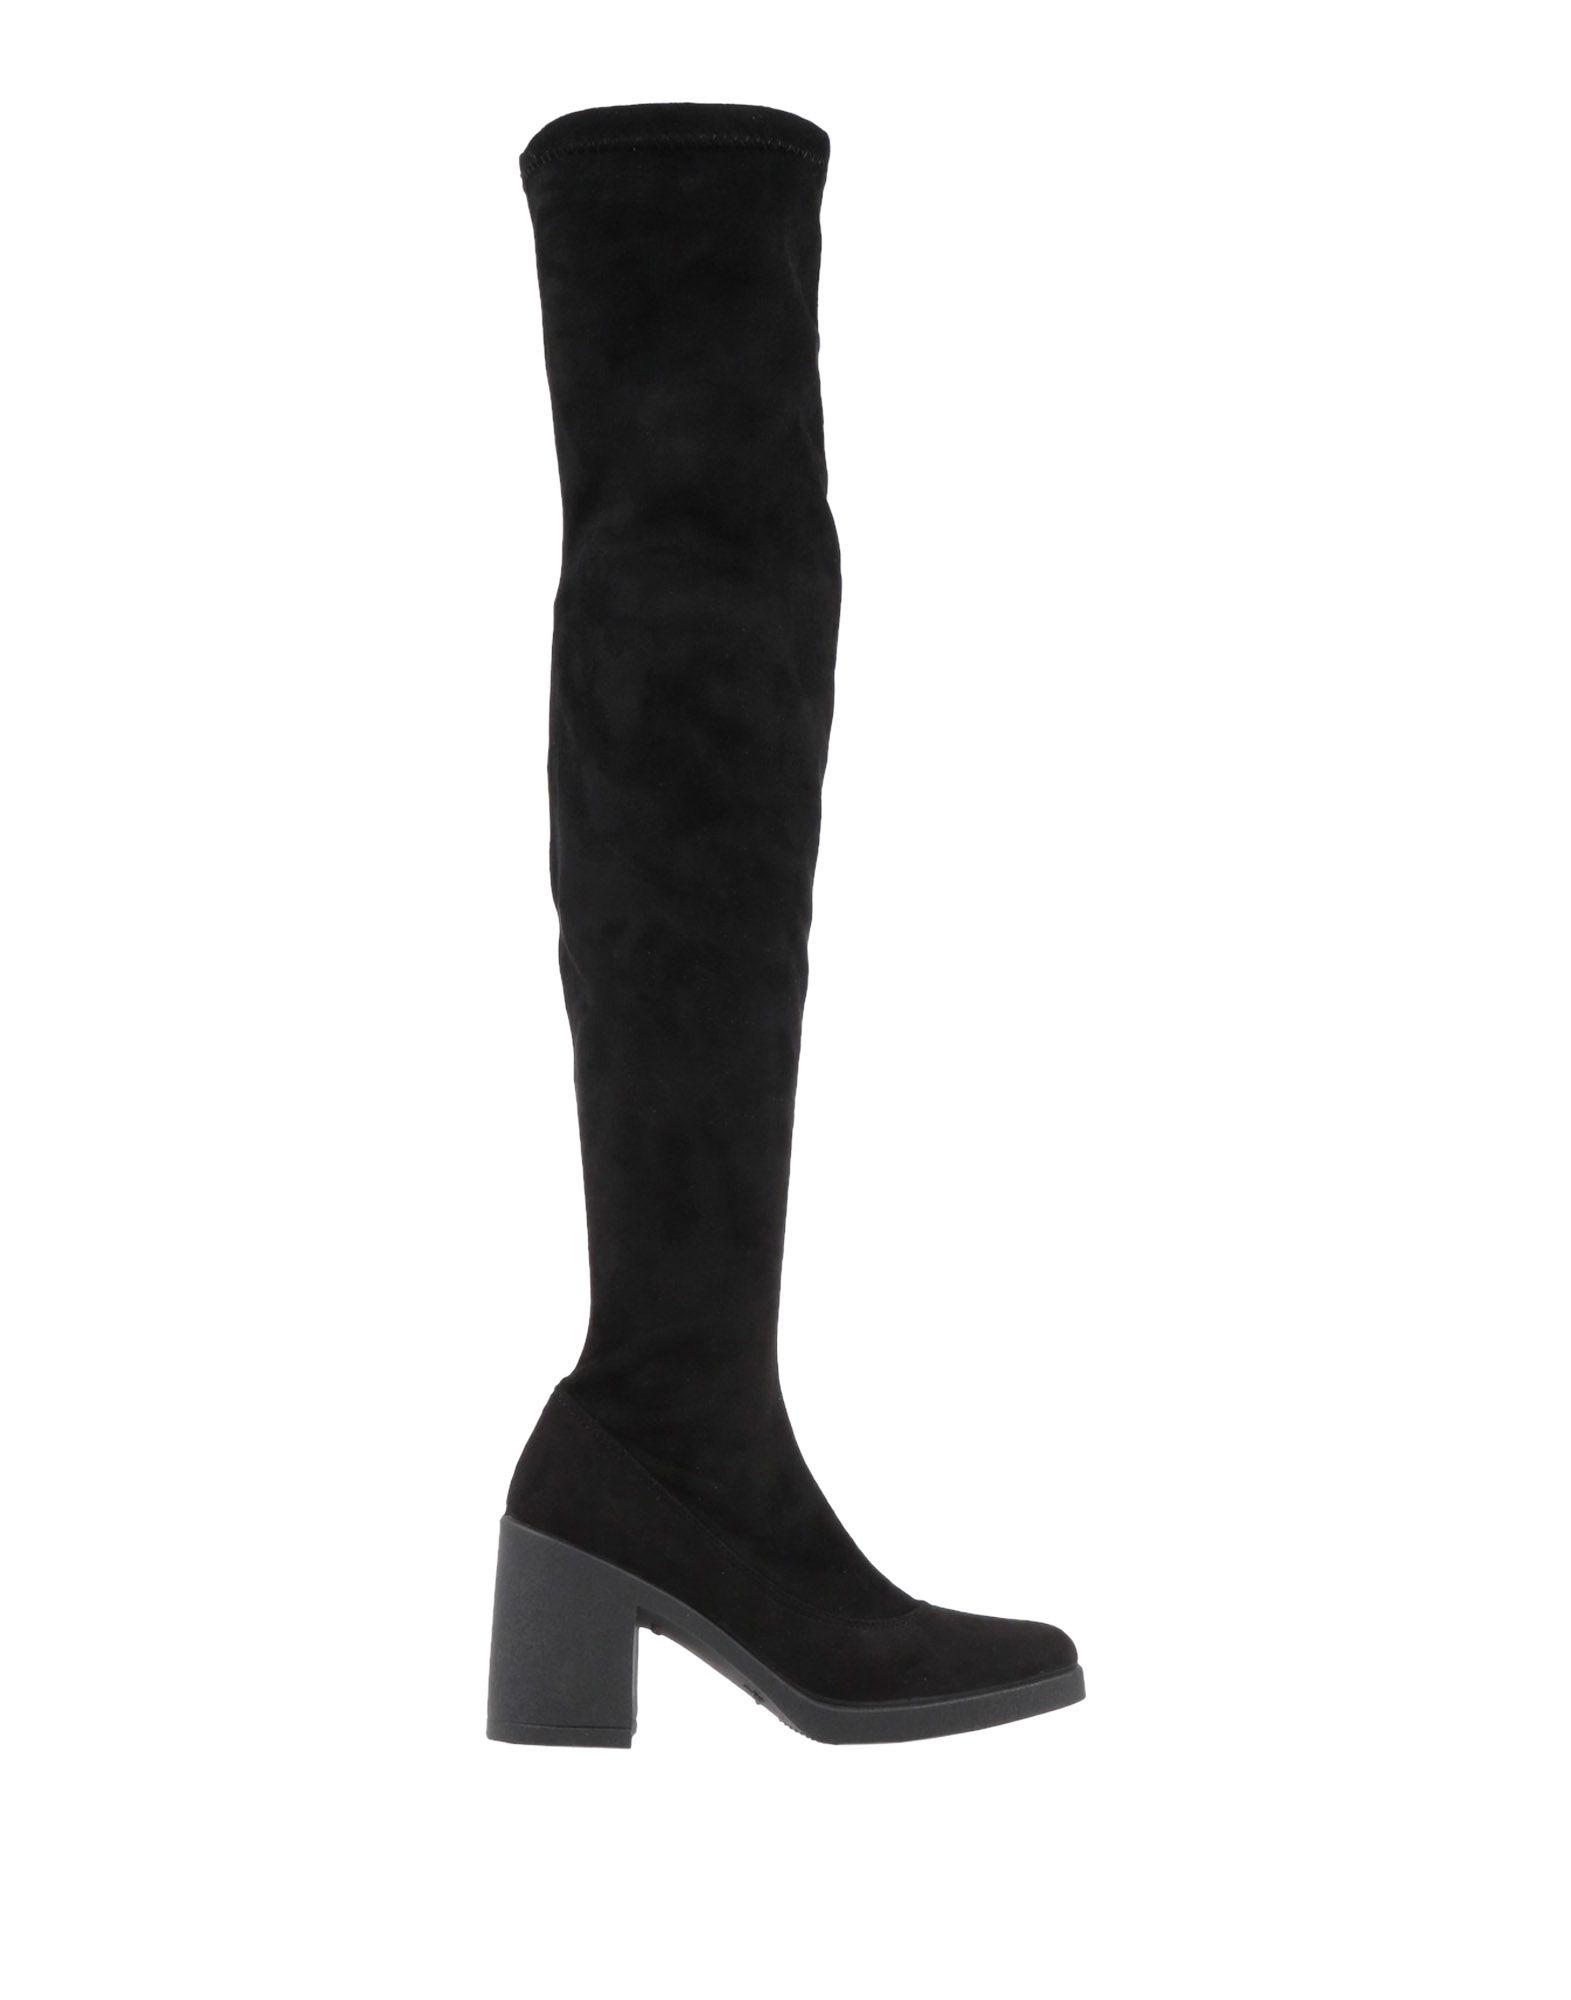 Topshop Stiefel Damen beliebte  11529031OL Gute Qualität beliebte Damen Schuhe 647dbd